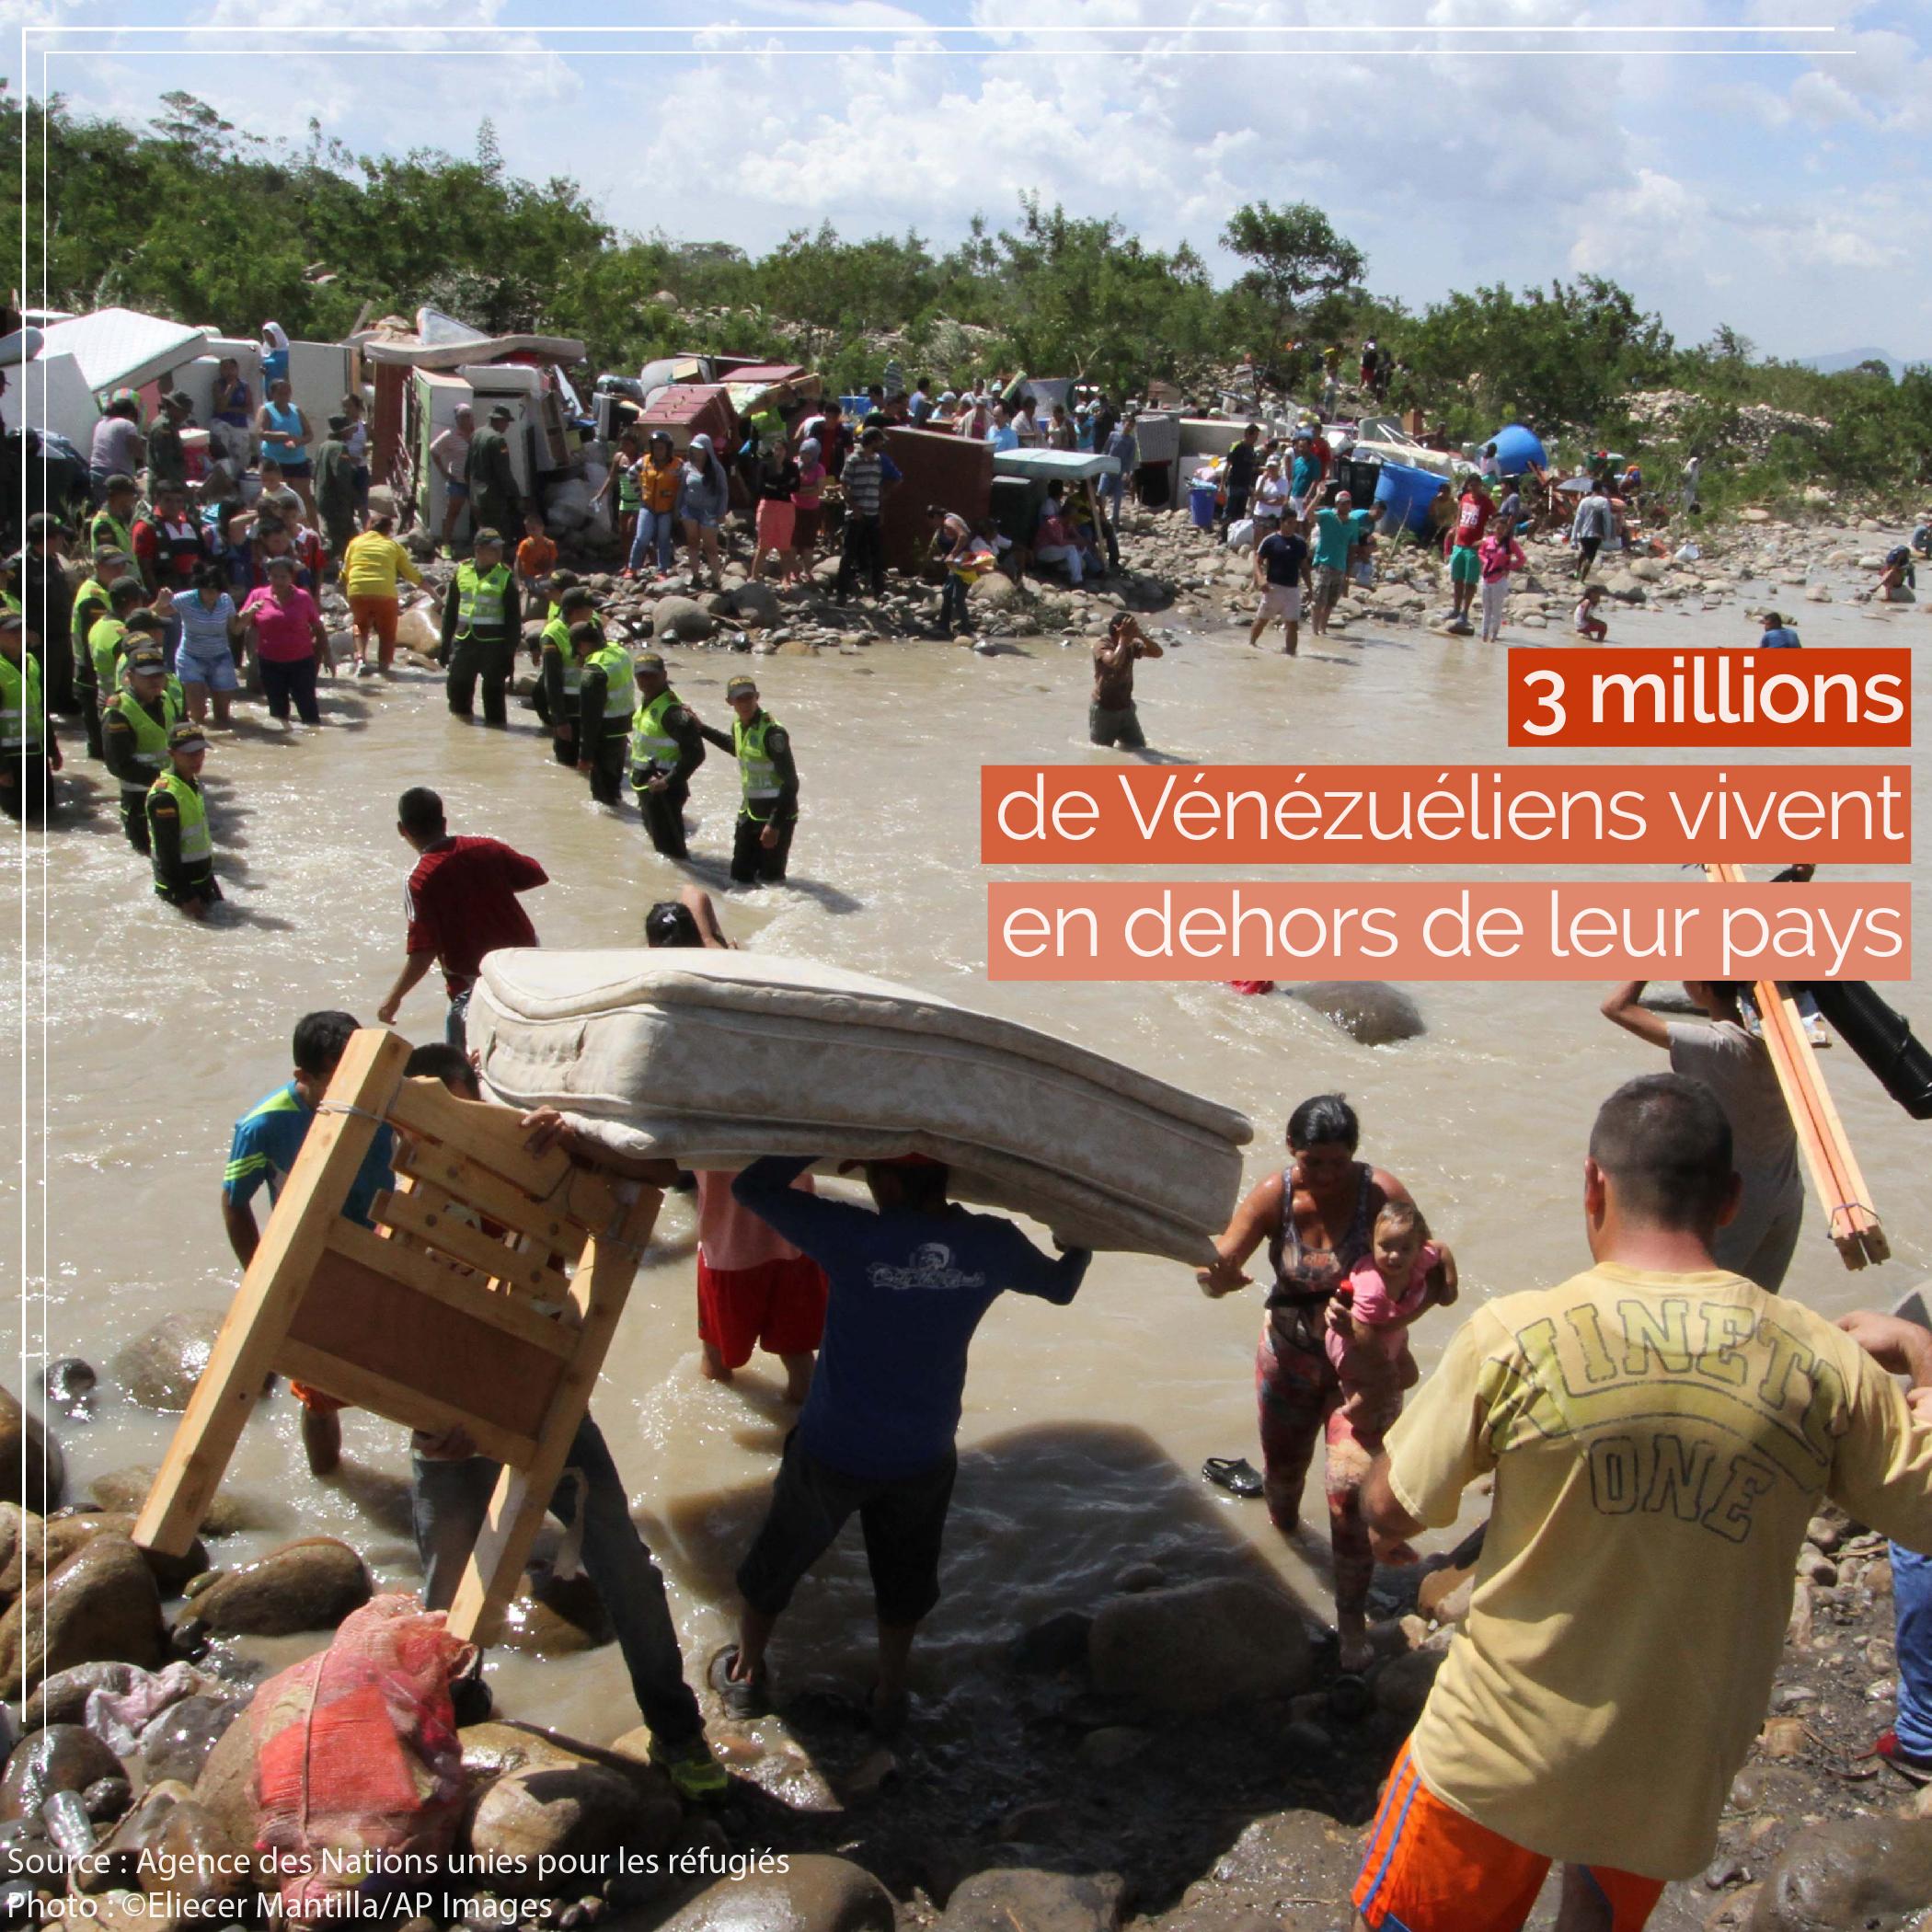 Des gens traversant une rivière avec leurs affaires sur le dos (© Eliecer Mantilla/AP Images)